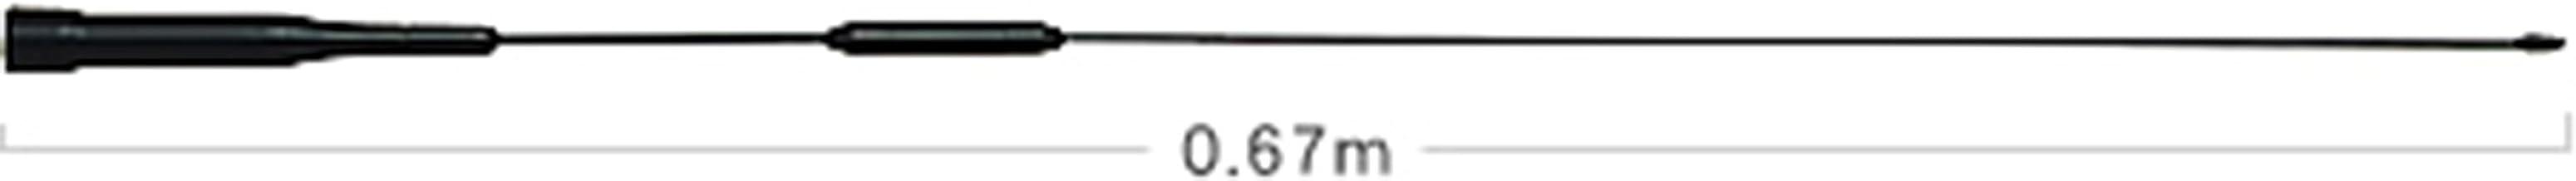 ダイヤモンド AZ506FX 144/430MHz帯RV車&オートバイ用フレキシブルモービルアンテナ AZ-506FX